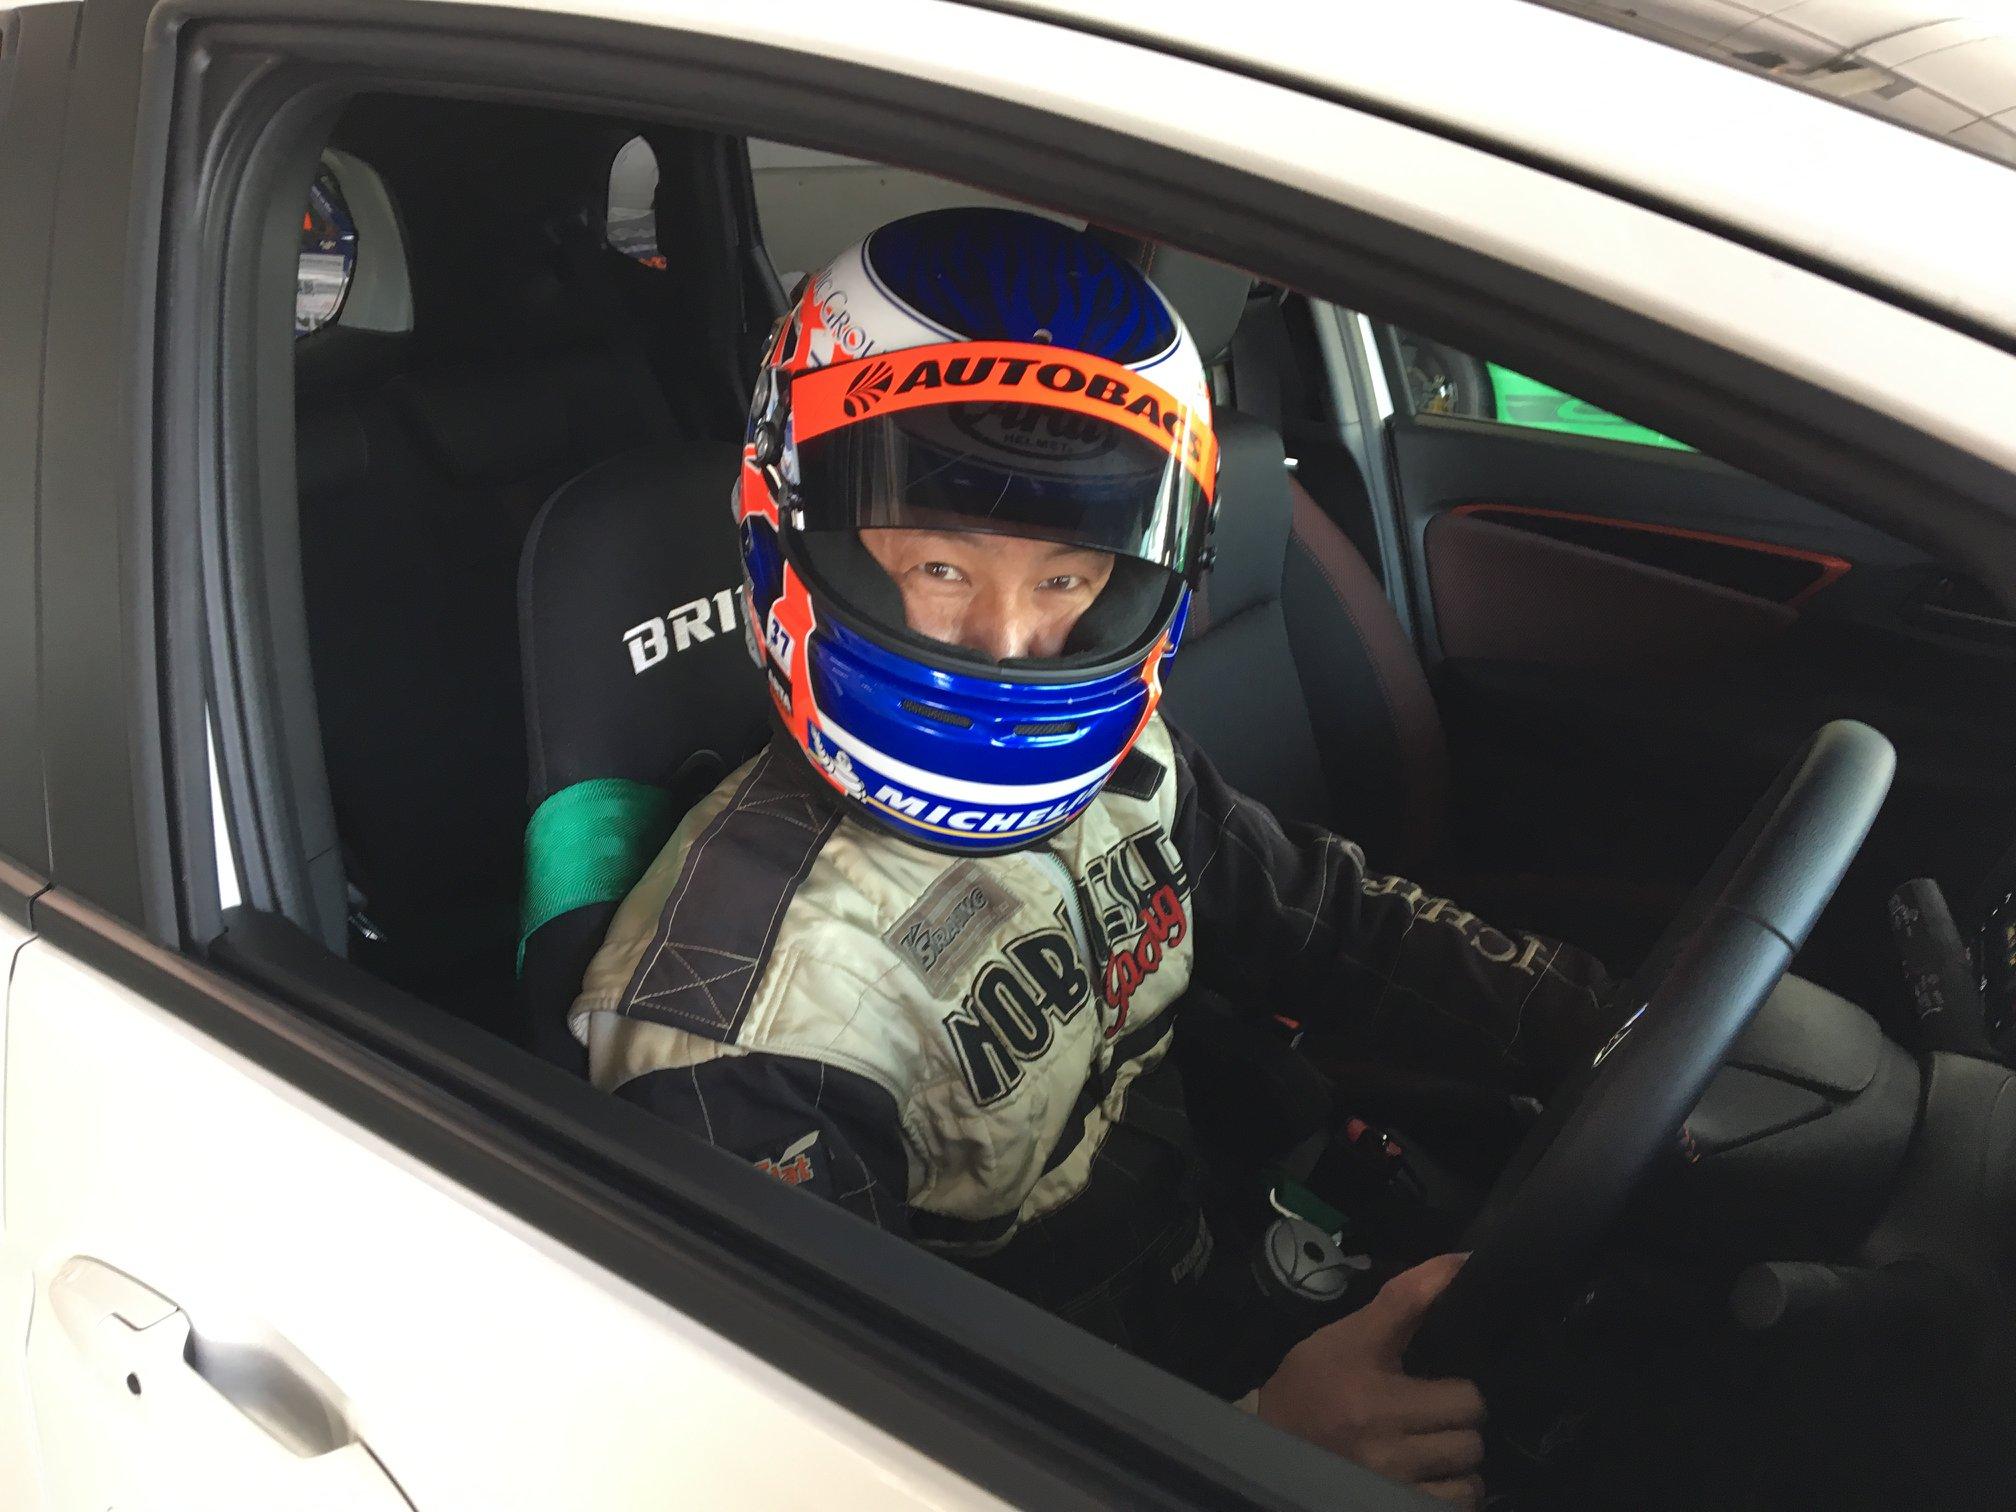 鈴鹿サーキットフルコース 2分37秒627